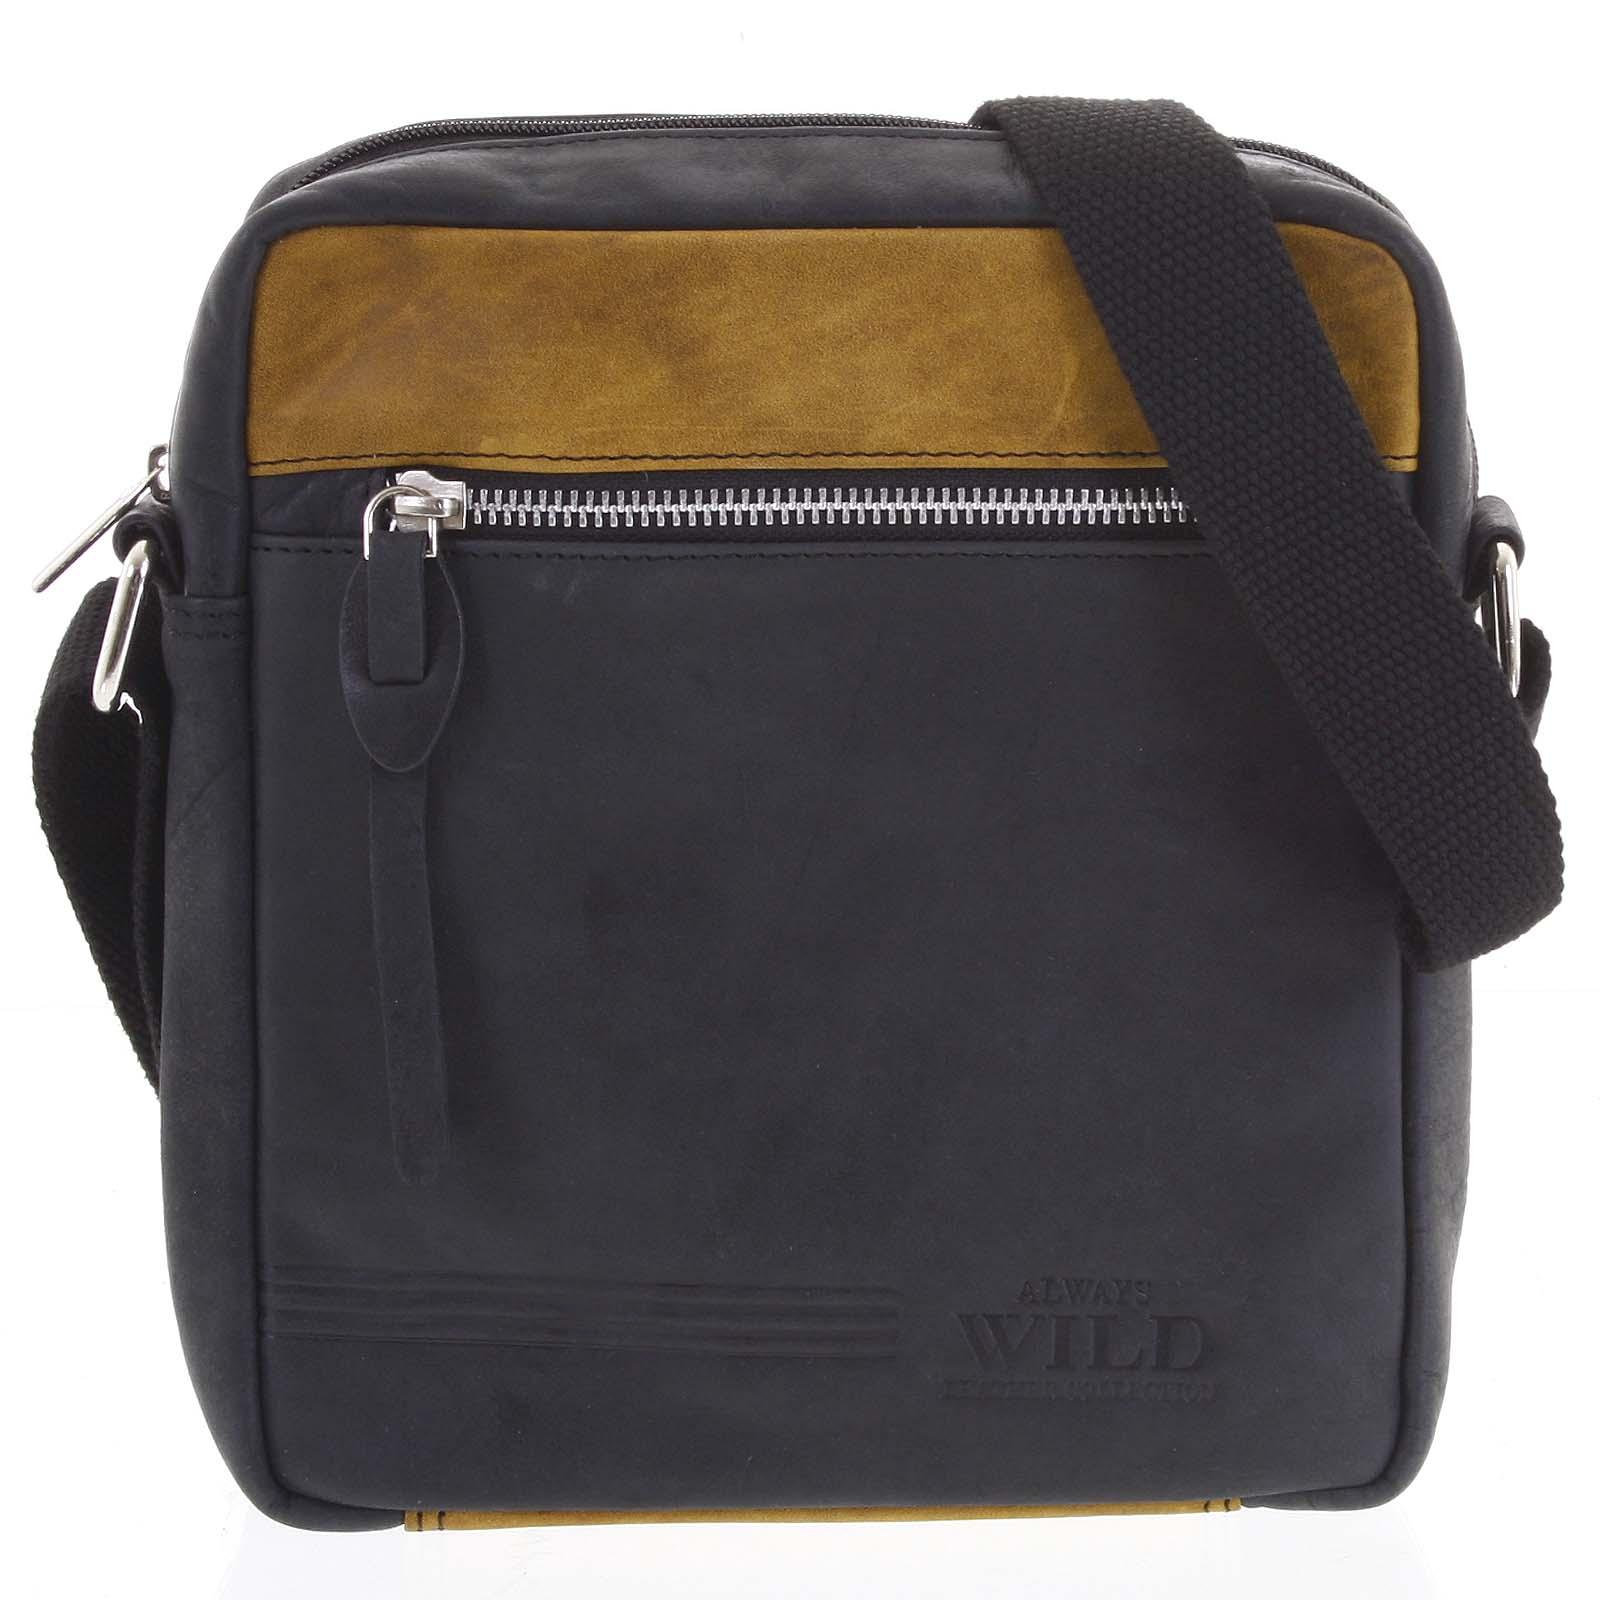 Pánska kožená crossbody taška čierna - WILD Kamata čierna